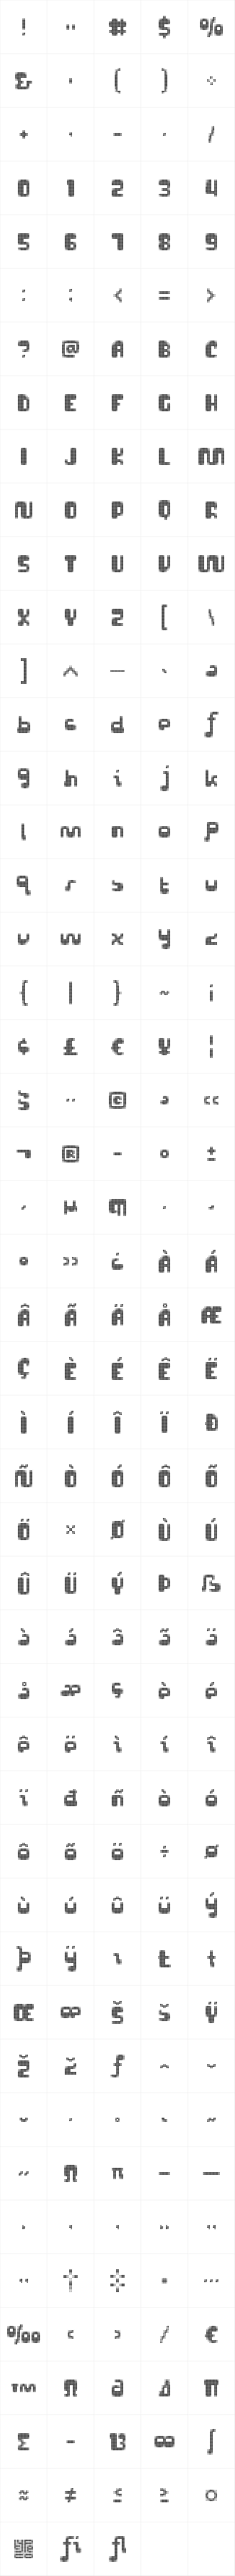 Cusp Dots